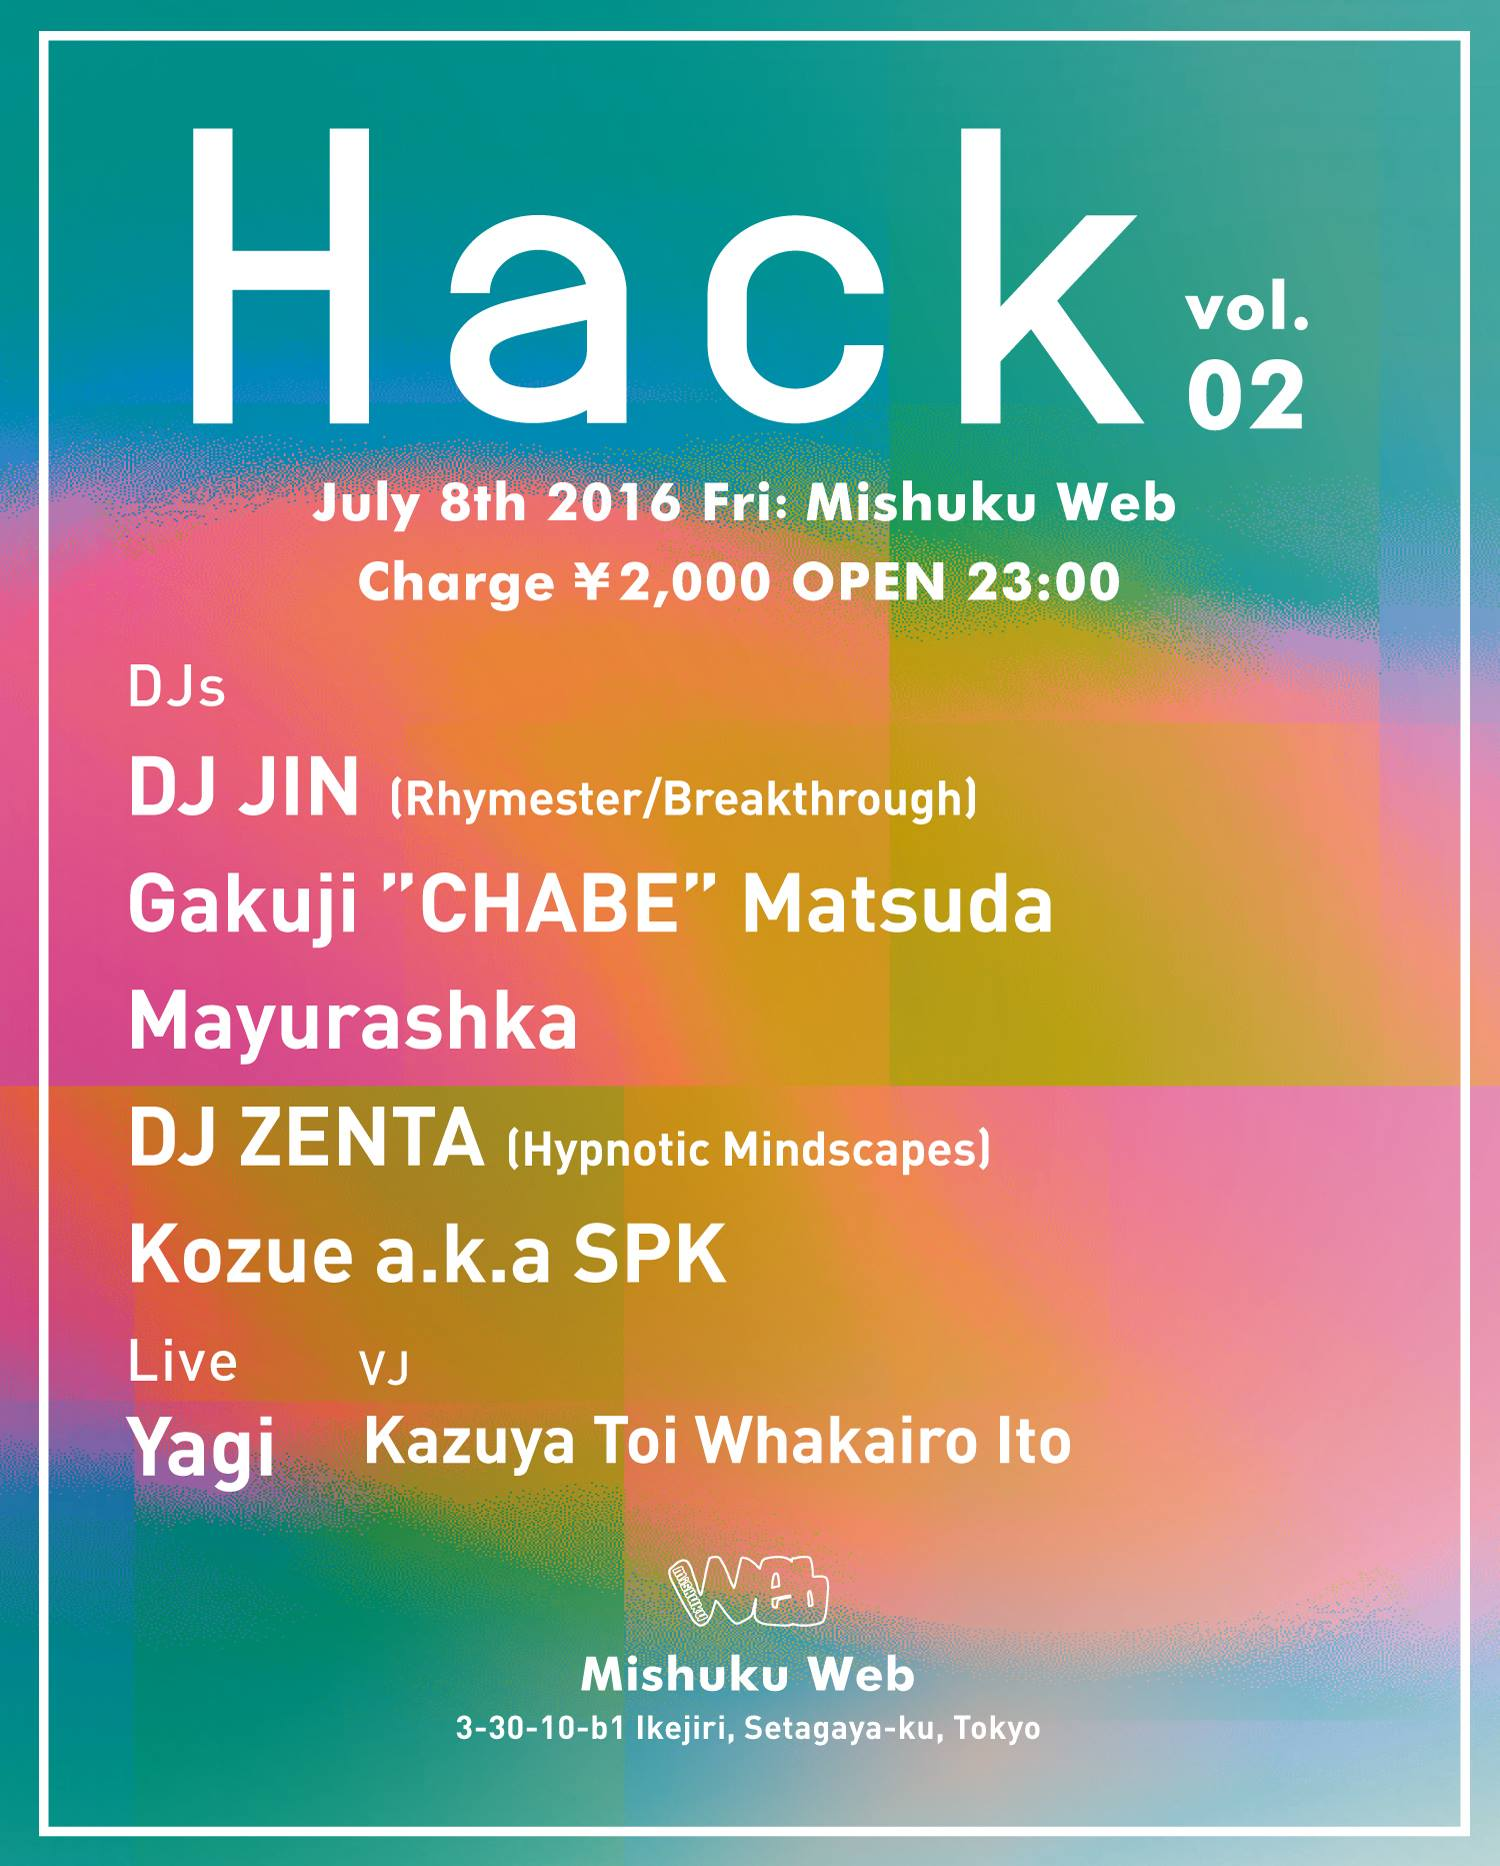 HACK vol.02-2